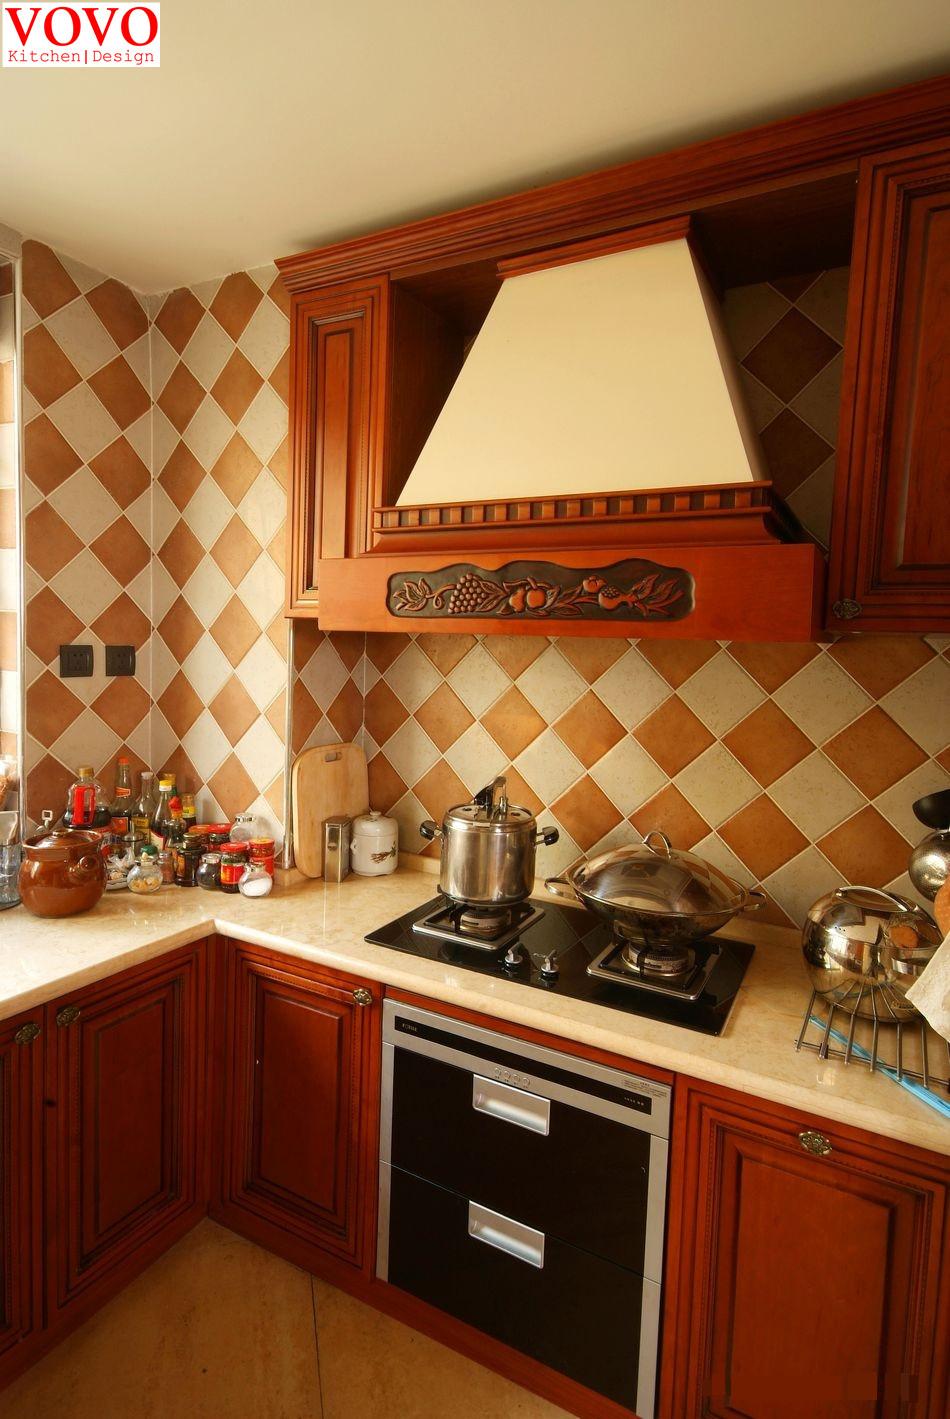 Chaise Cuisine Quebec : Solide armoires de cuisine rouge cerise couleur(China (Mainland))